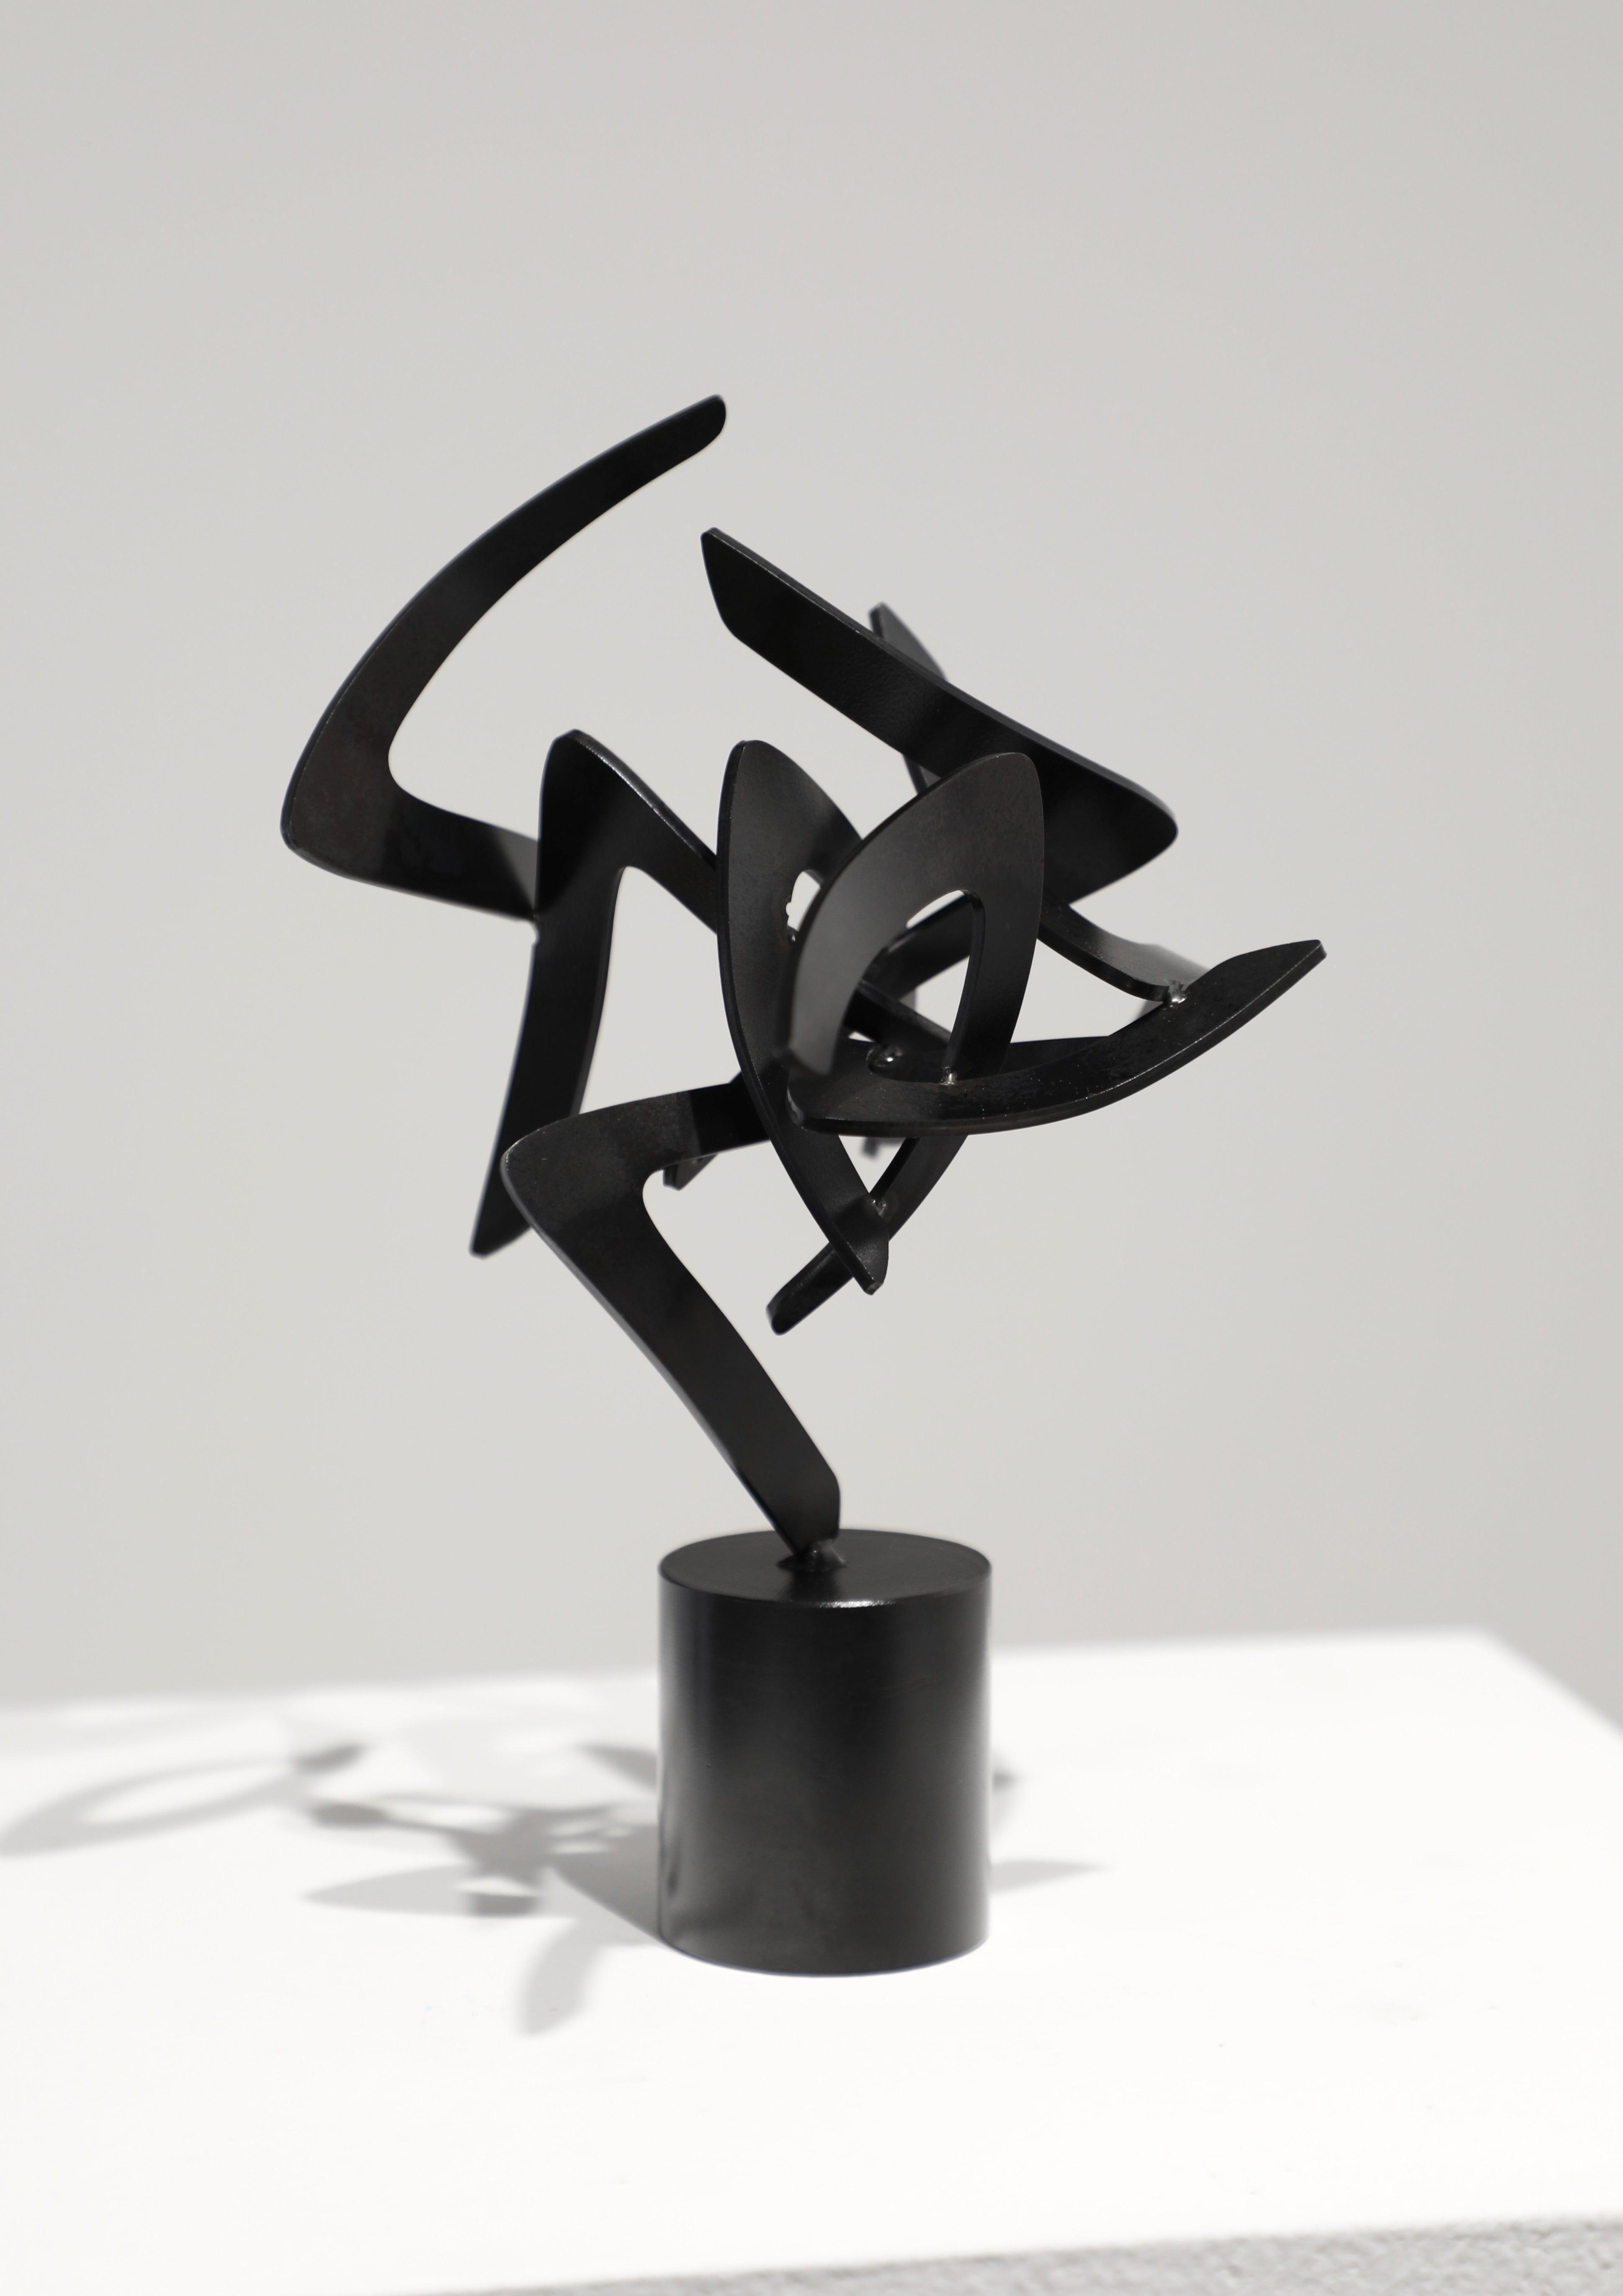 Studio Study 20-1 (Indoor Sculpture), Matt Devine, Steel, Black Patina-abstract